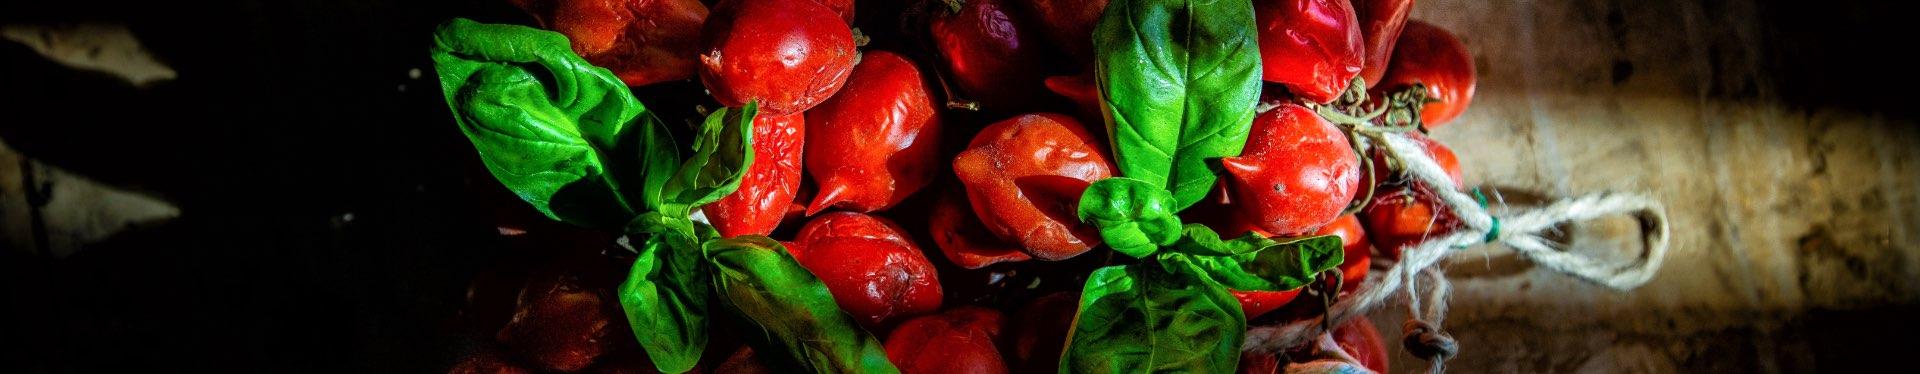 pomodorino-del-piennolo-dop